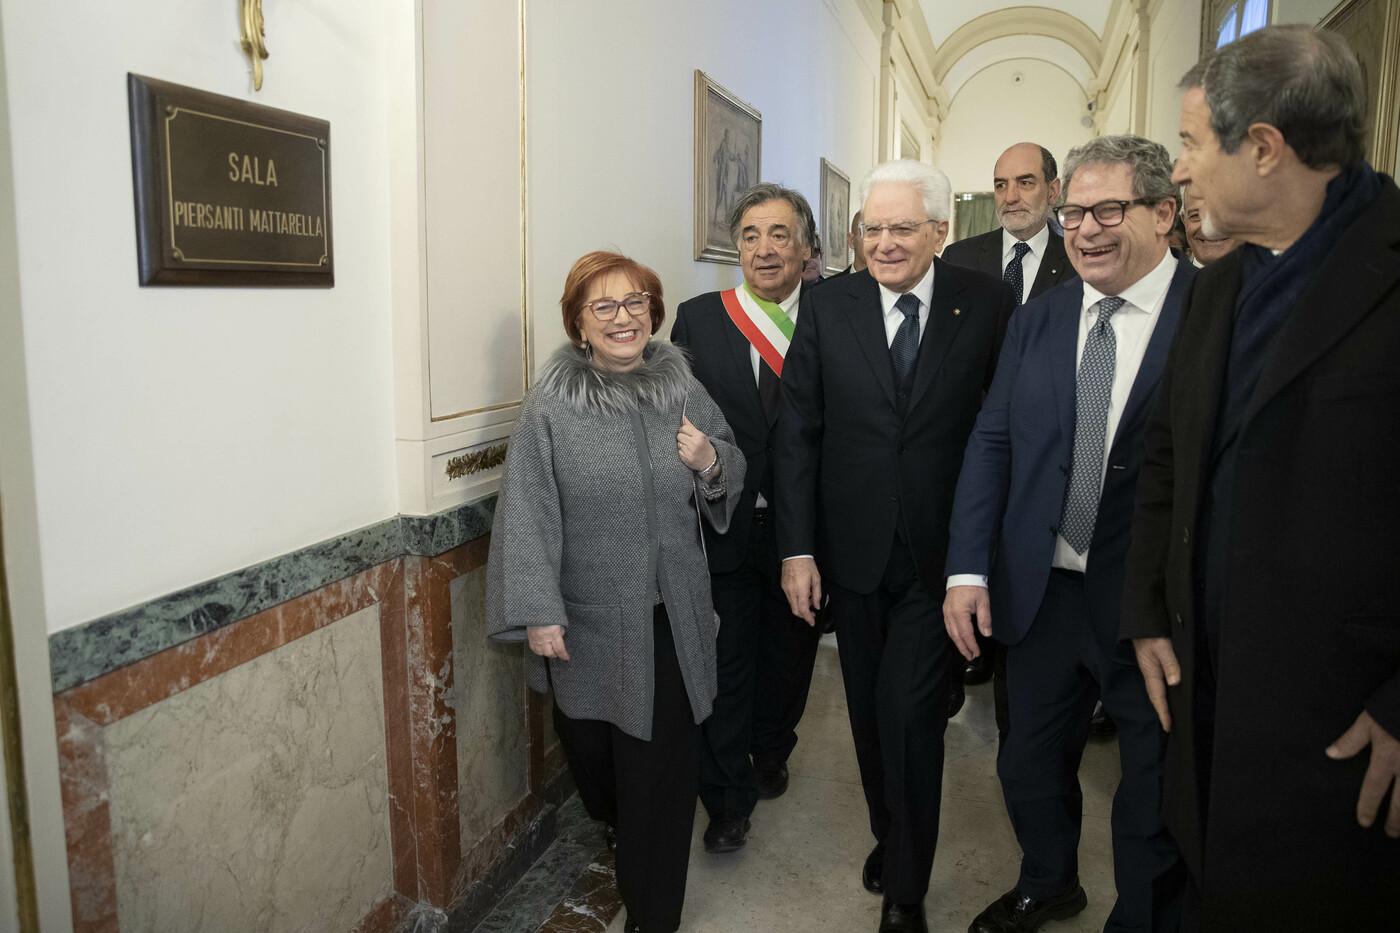 Sergio Mattarella a Palermo per l'anniversario della scomparsa dell' On. Piersanti Mattarella